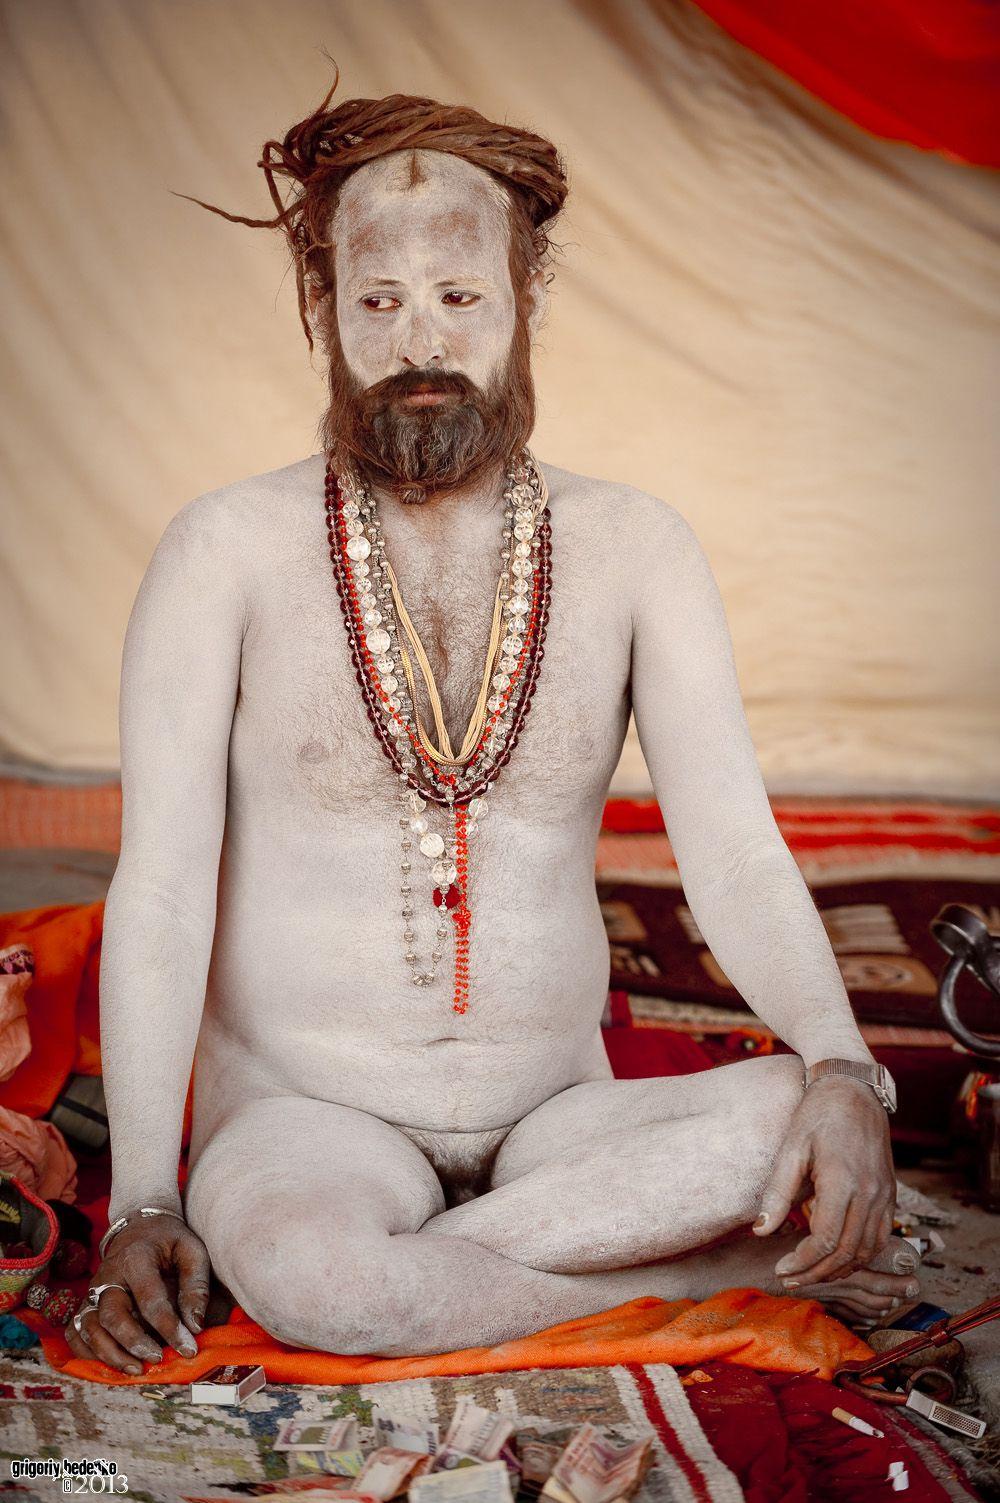 Садху принадлежат разным философским школам индуизма, которых великое множество.